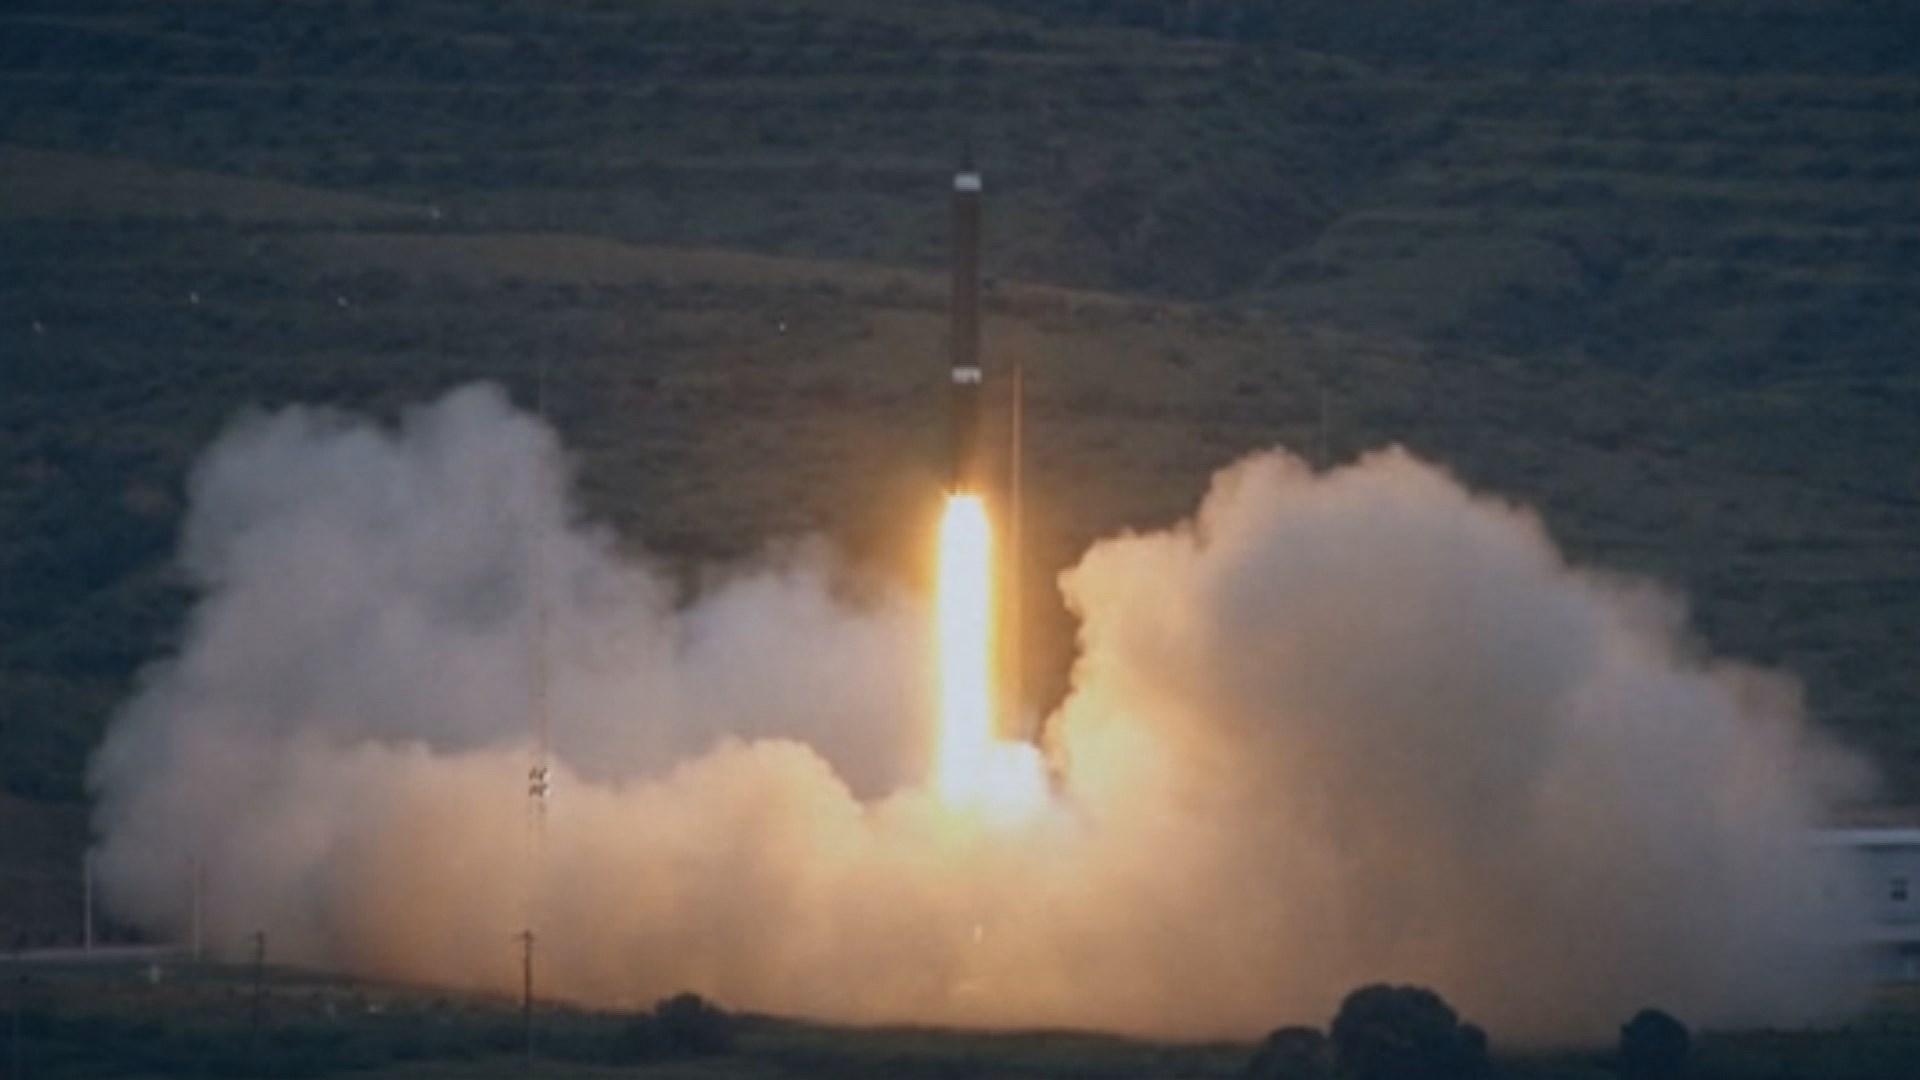 미·러 핵무기감축협정 참여 요청에 中